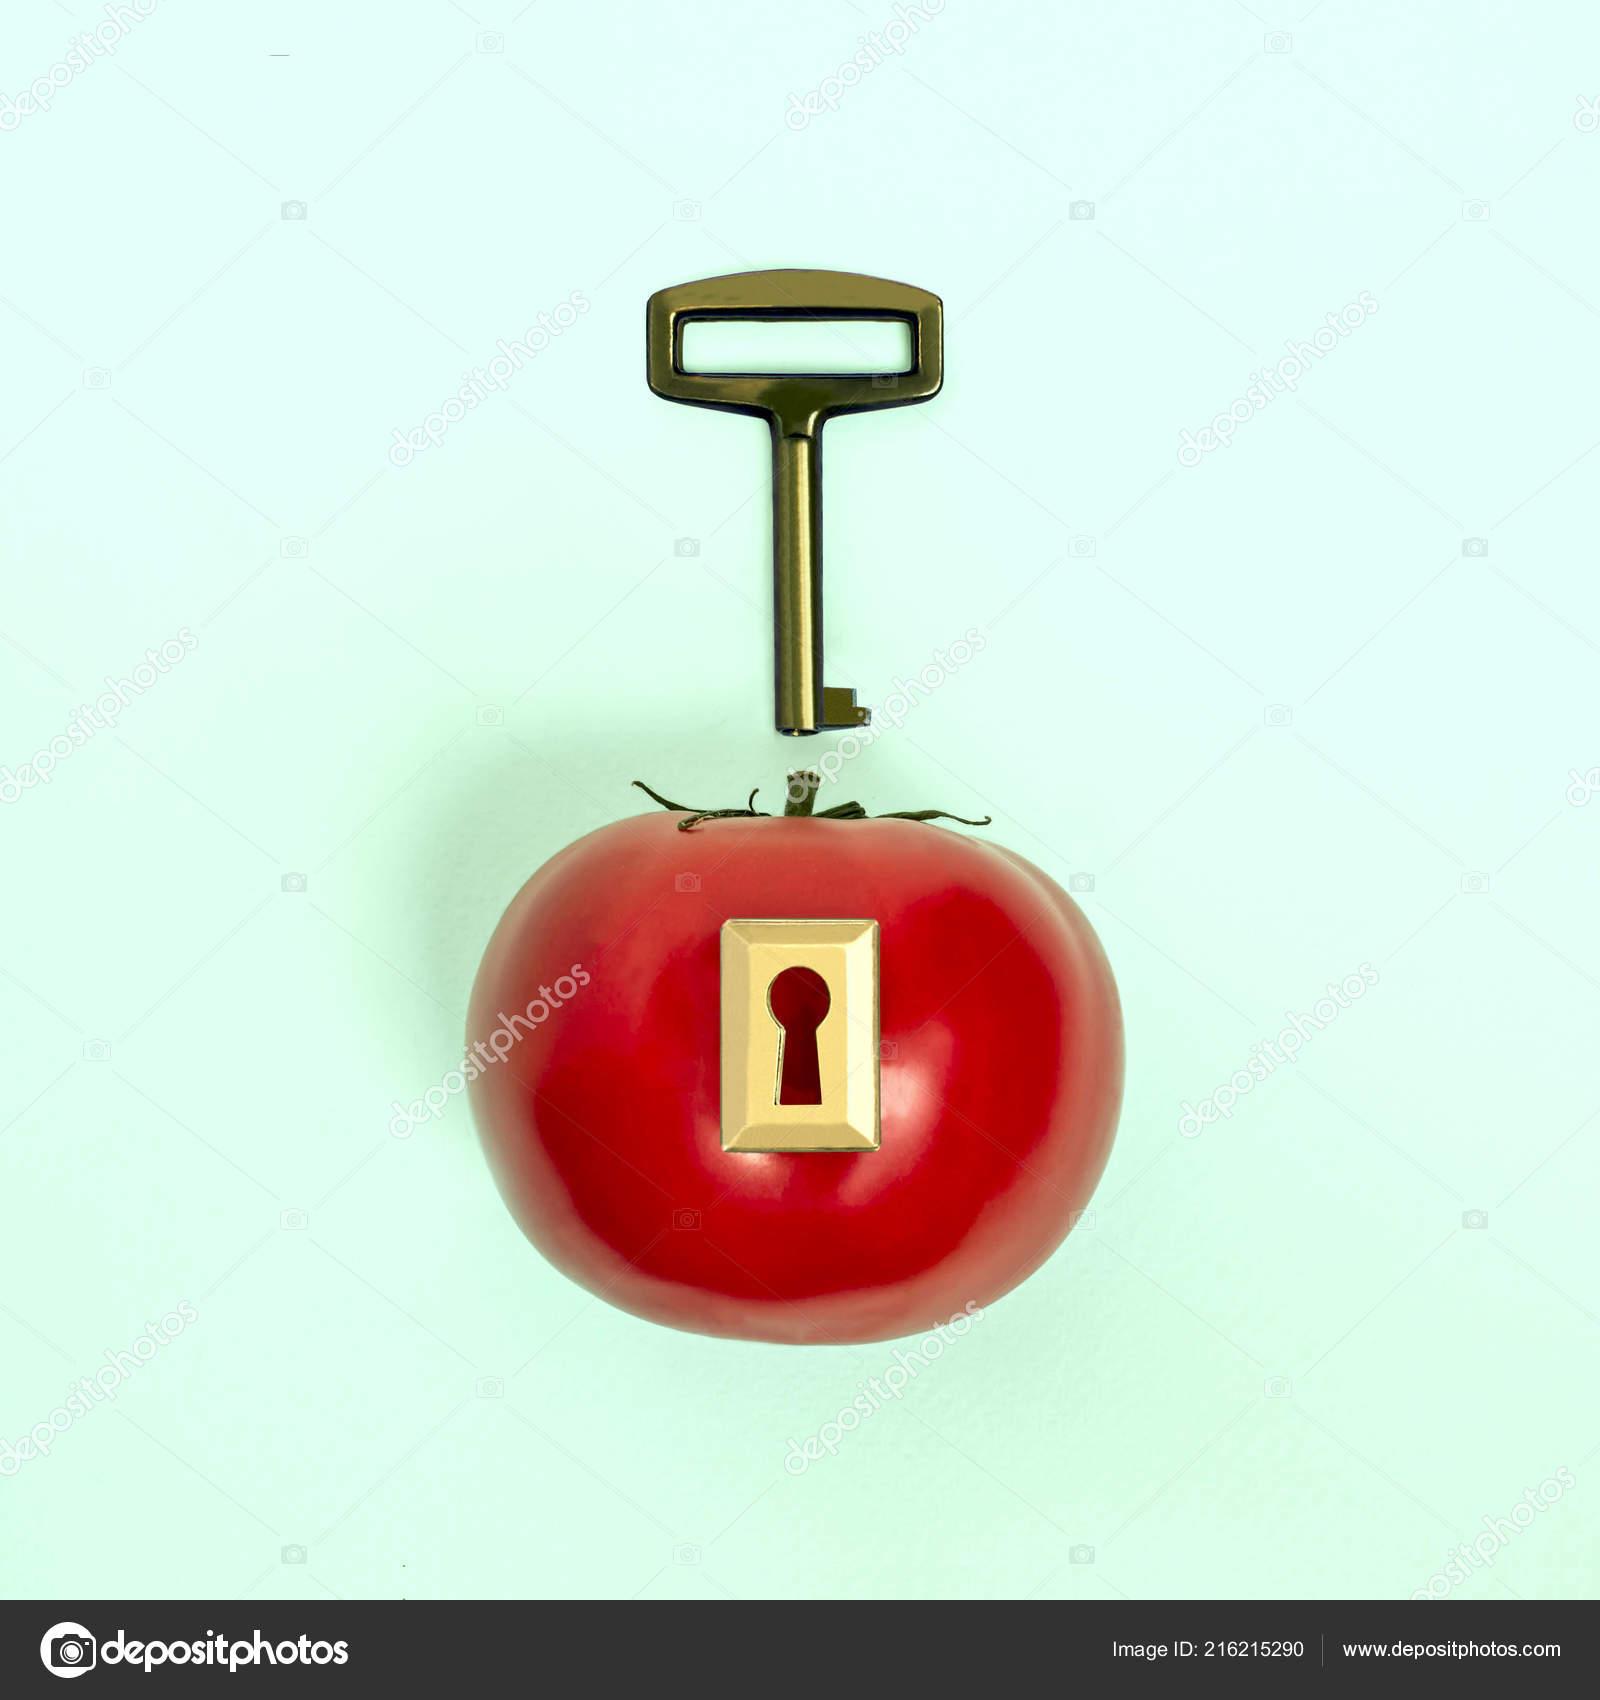 Спелое яблоко замком ключом пастельные голубой предпосылке.